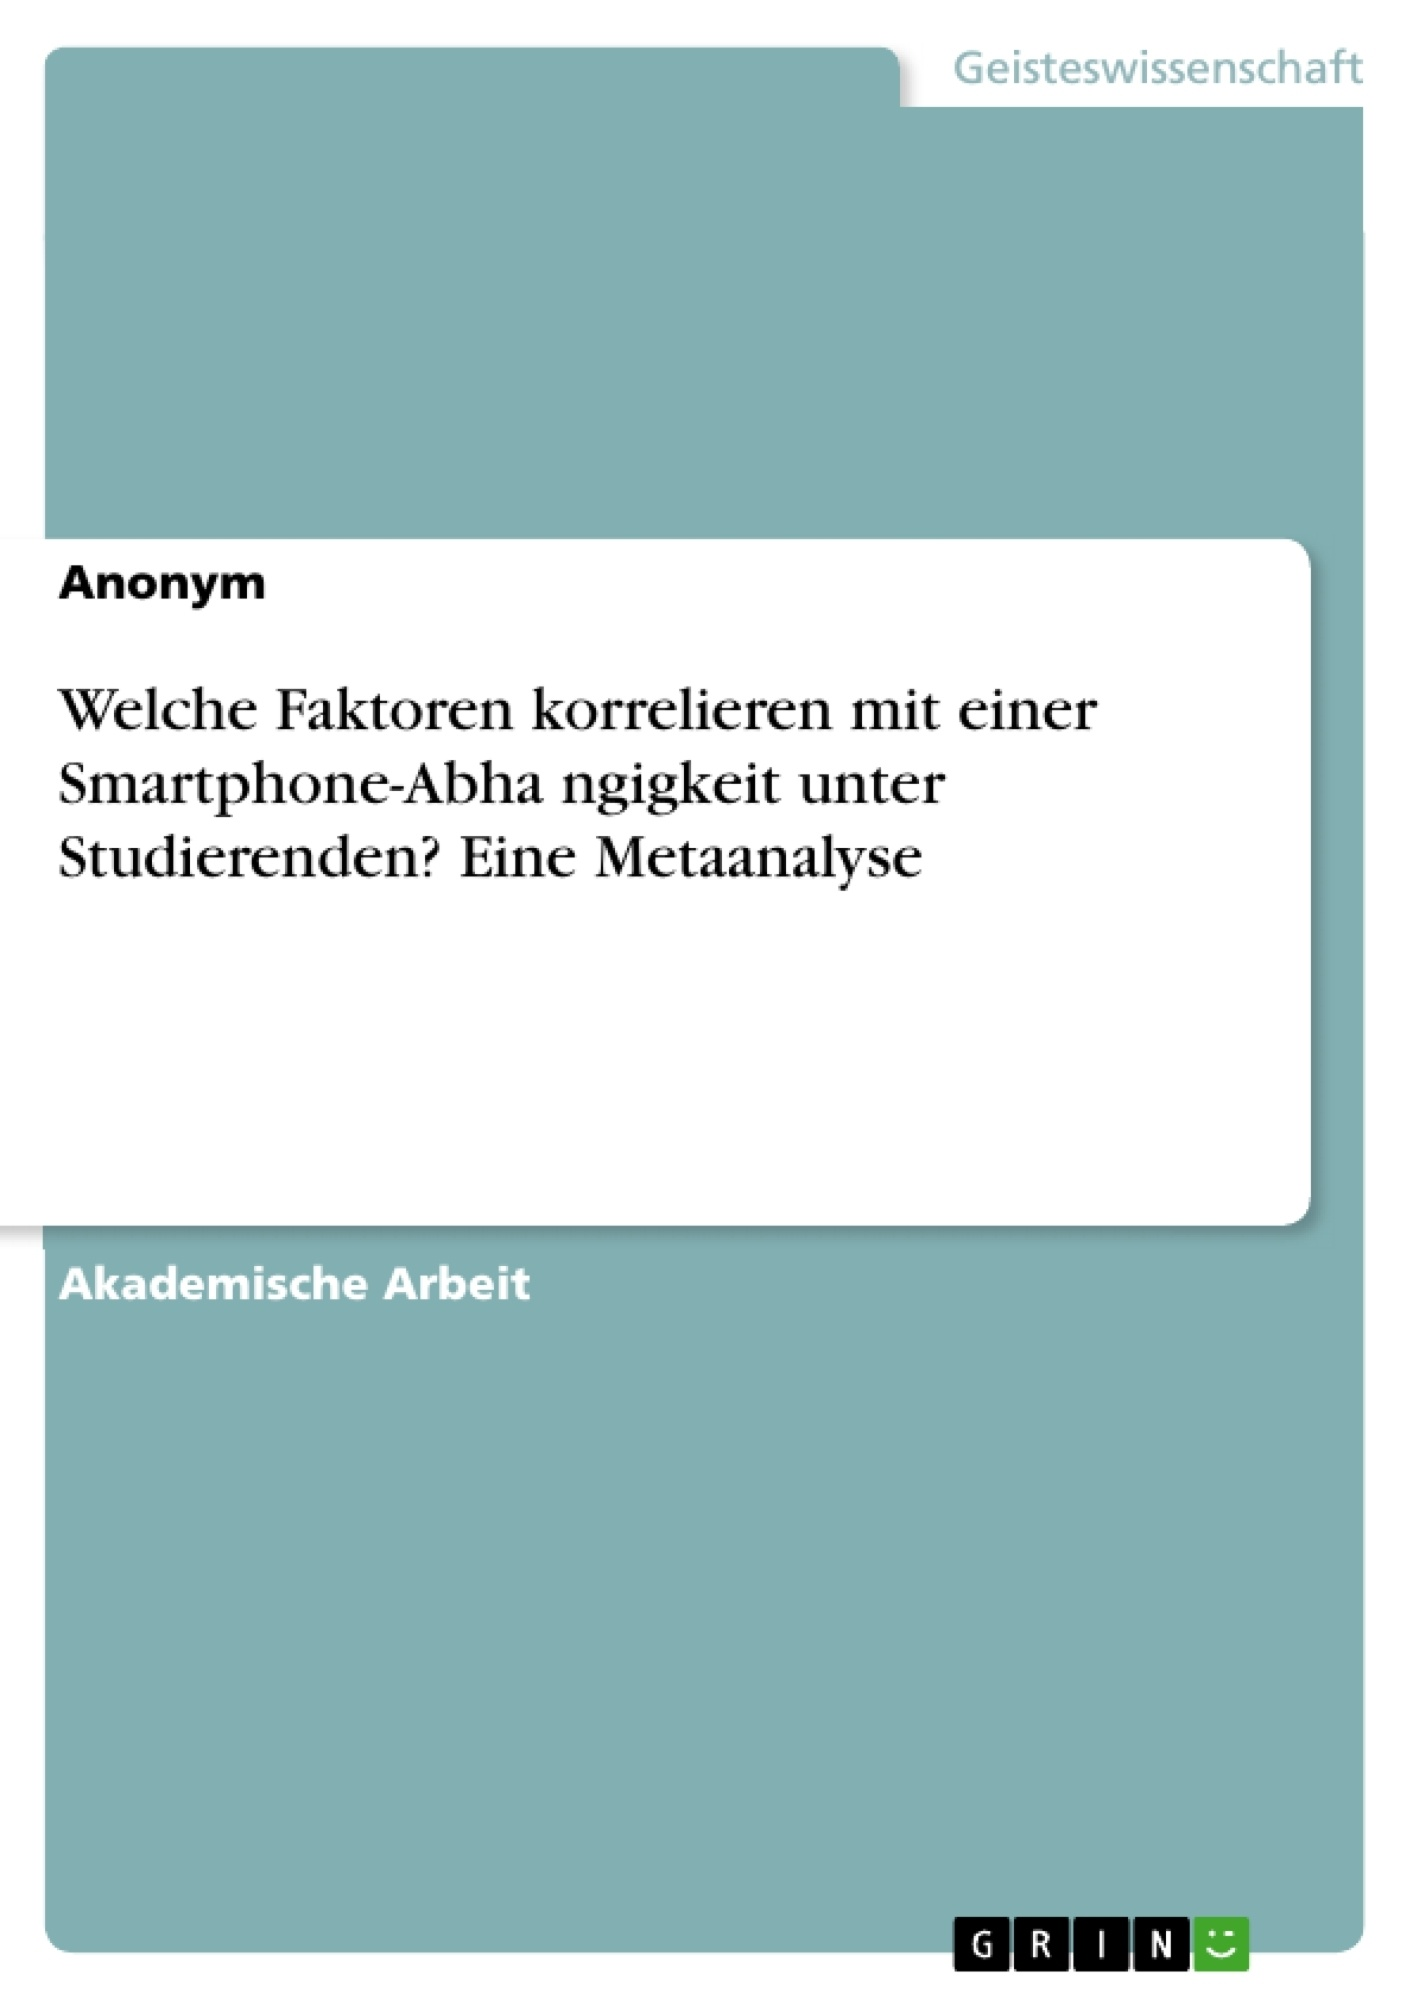 Titel: Welche Faktoren korrelieren mit einer Smartphone-Abhängigkeit unter Studierenden? Eine Metaanalyse